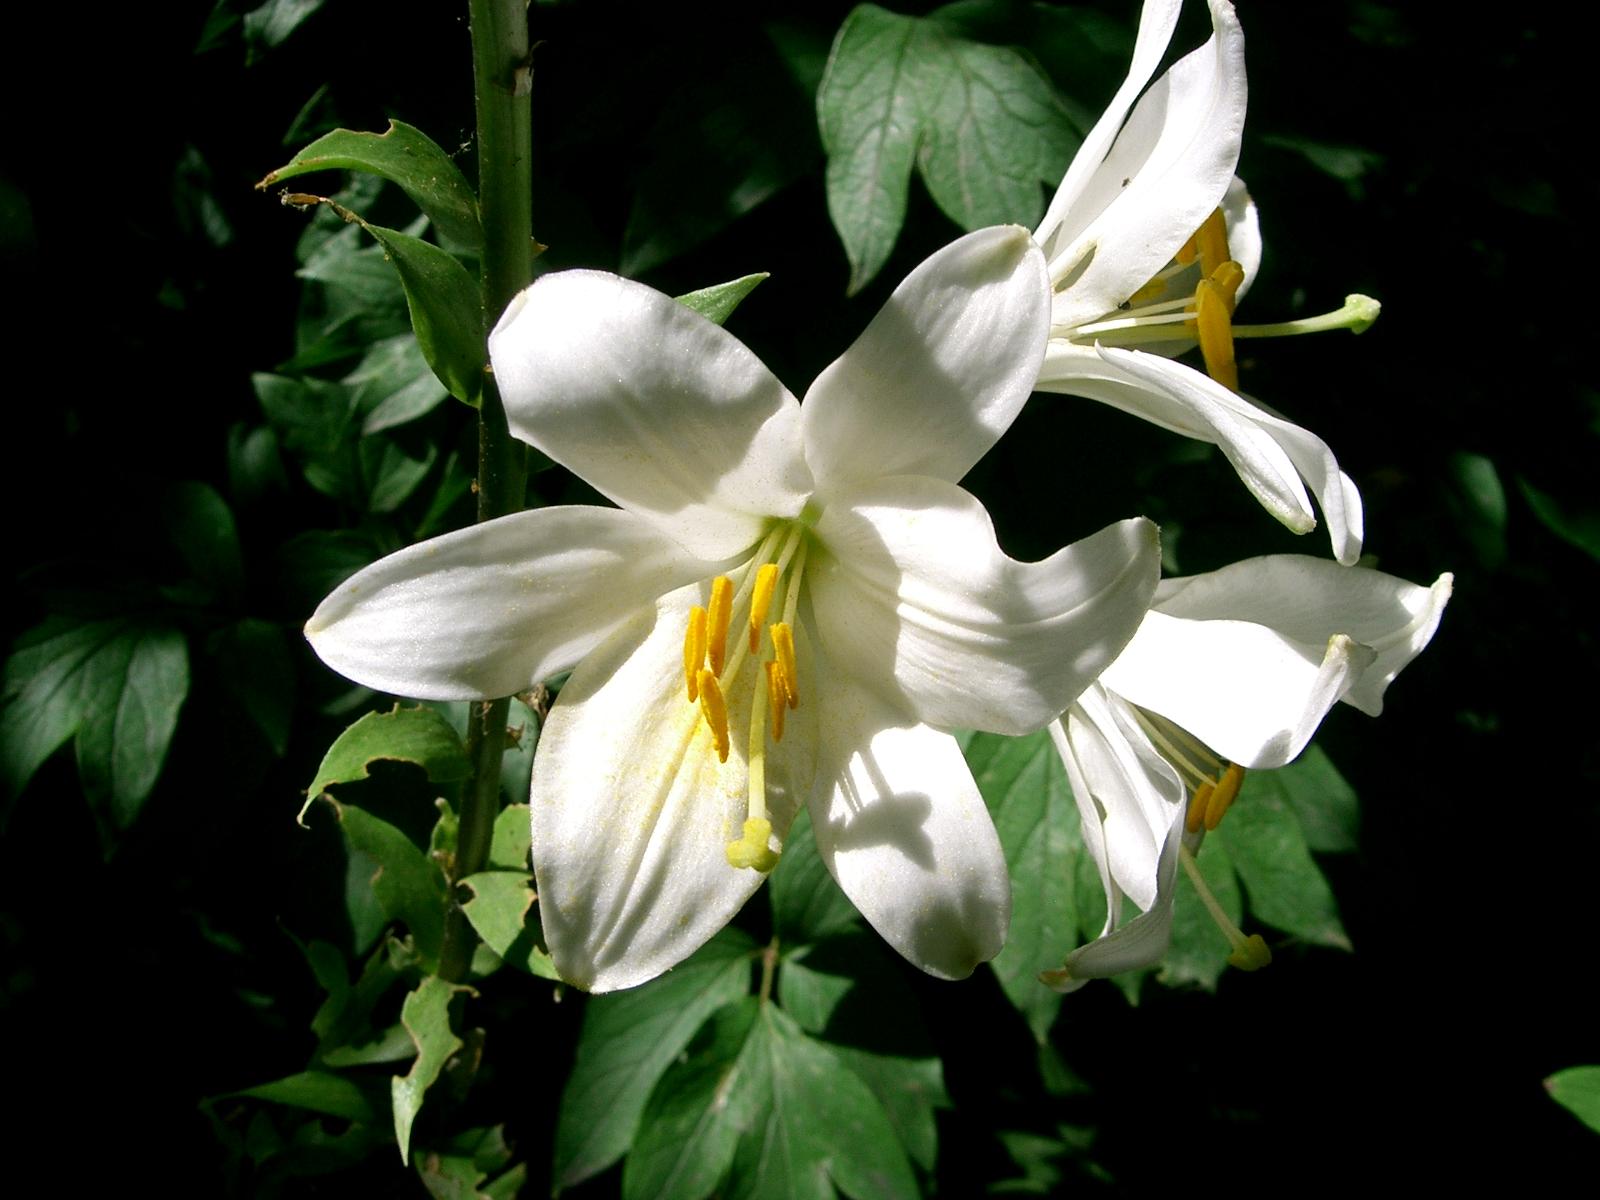 Http Commons Wikimedia Org Wiki File Fleurs De Lys Jpg